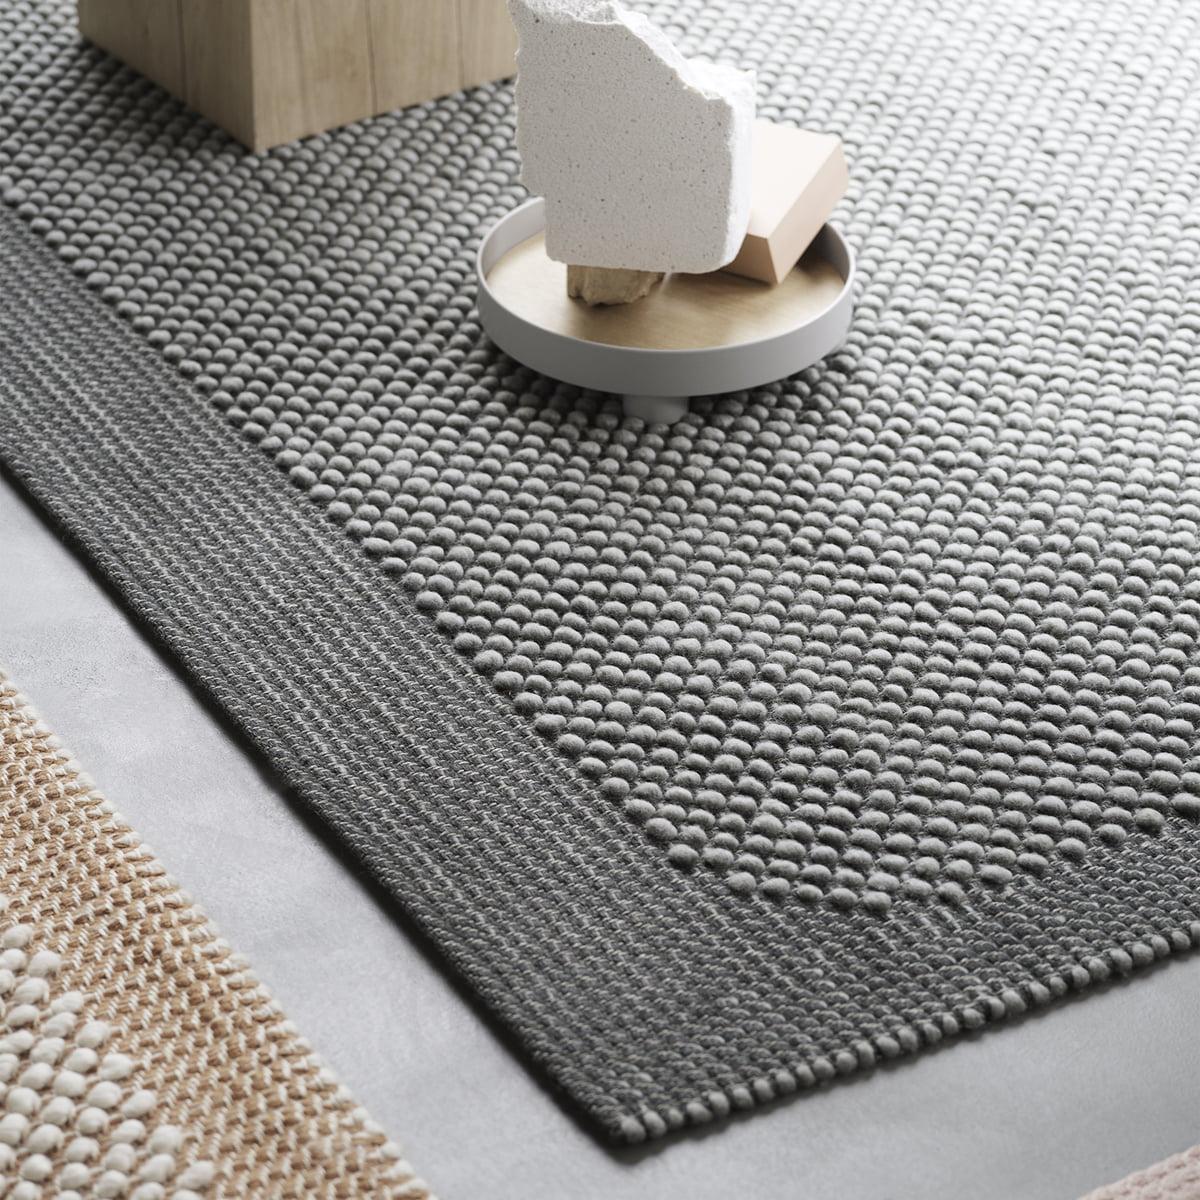 Pebble Woll Teppich Von Muuto Connox